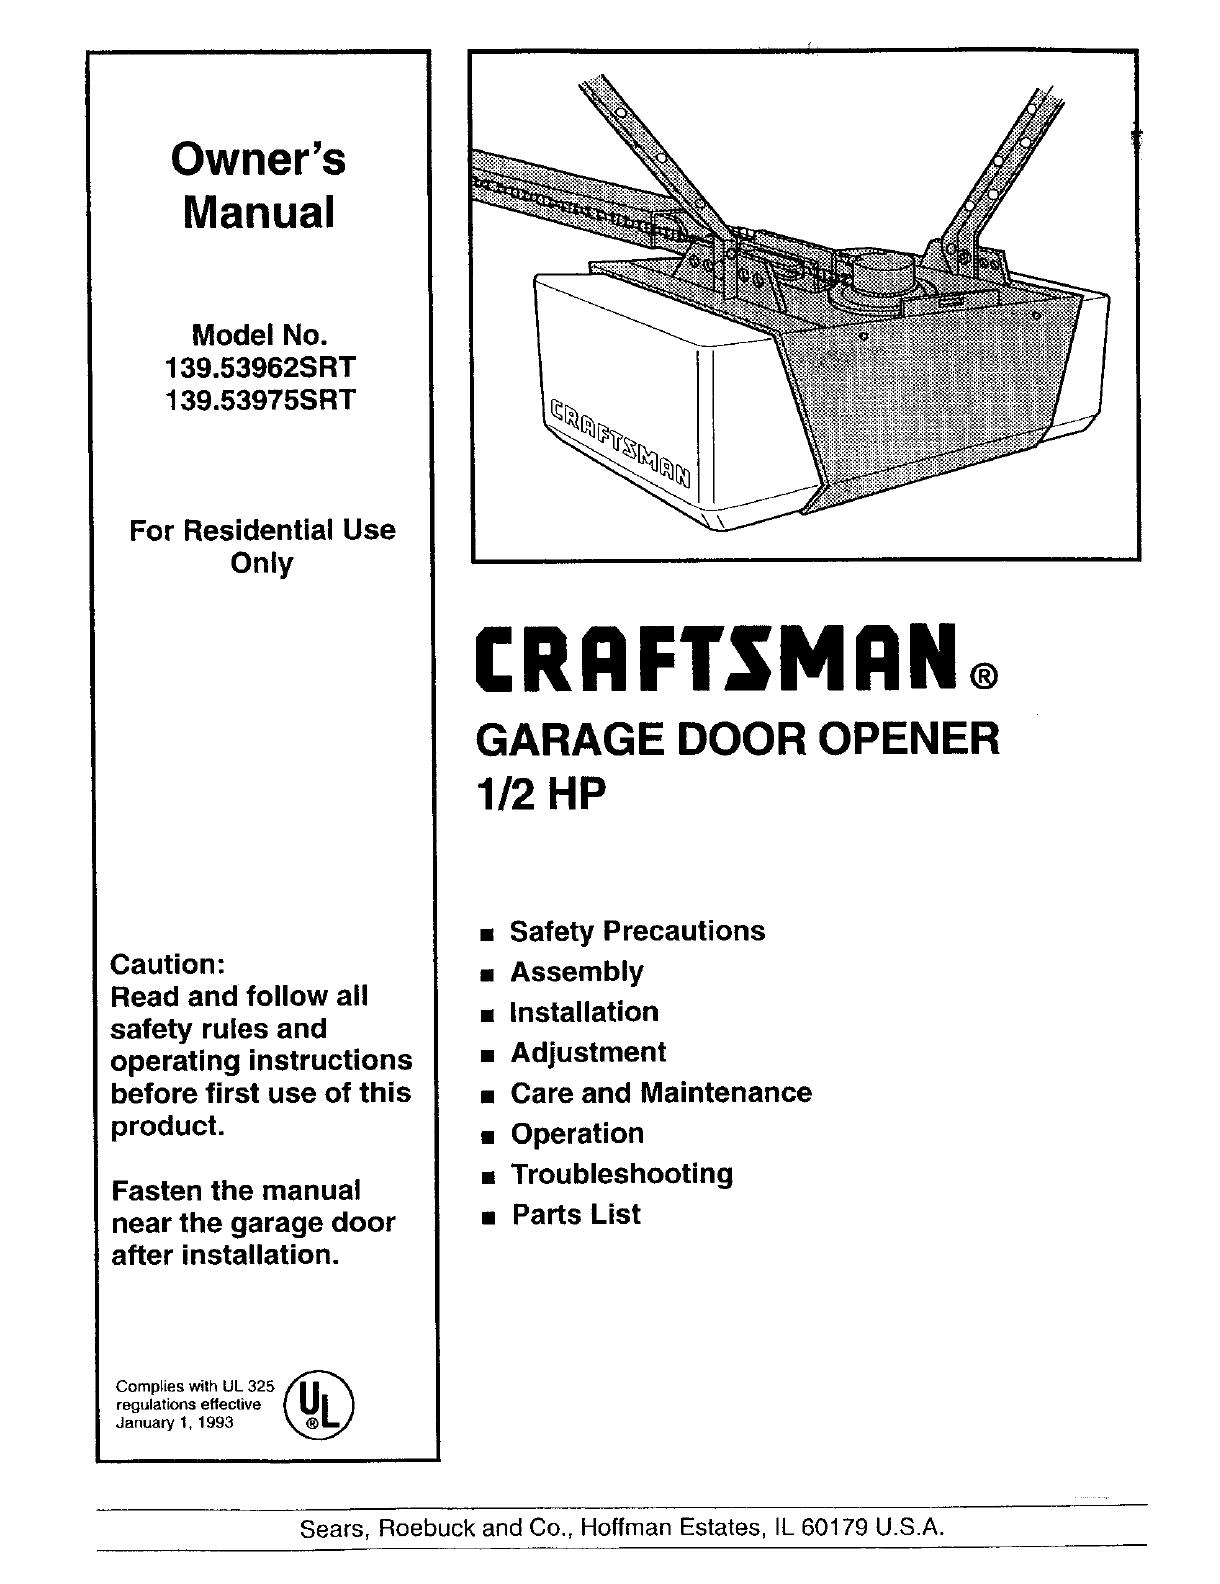 Craftsman Garage Door Opener 139 Srt User Guide